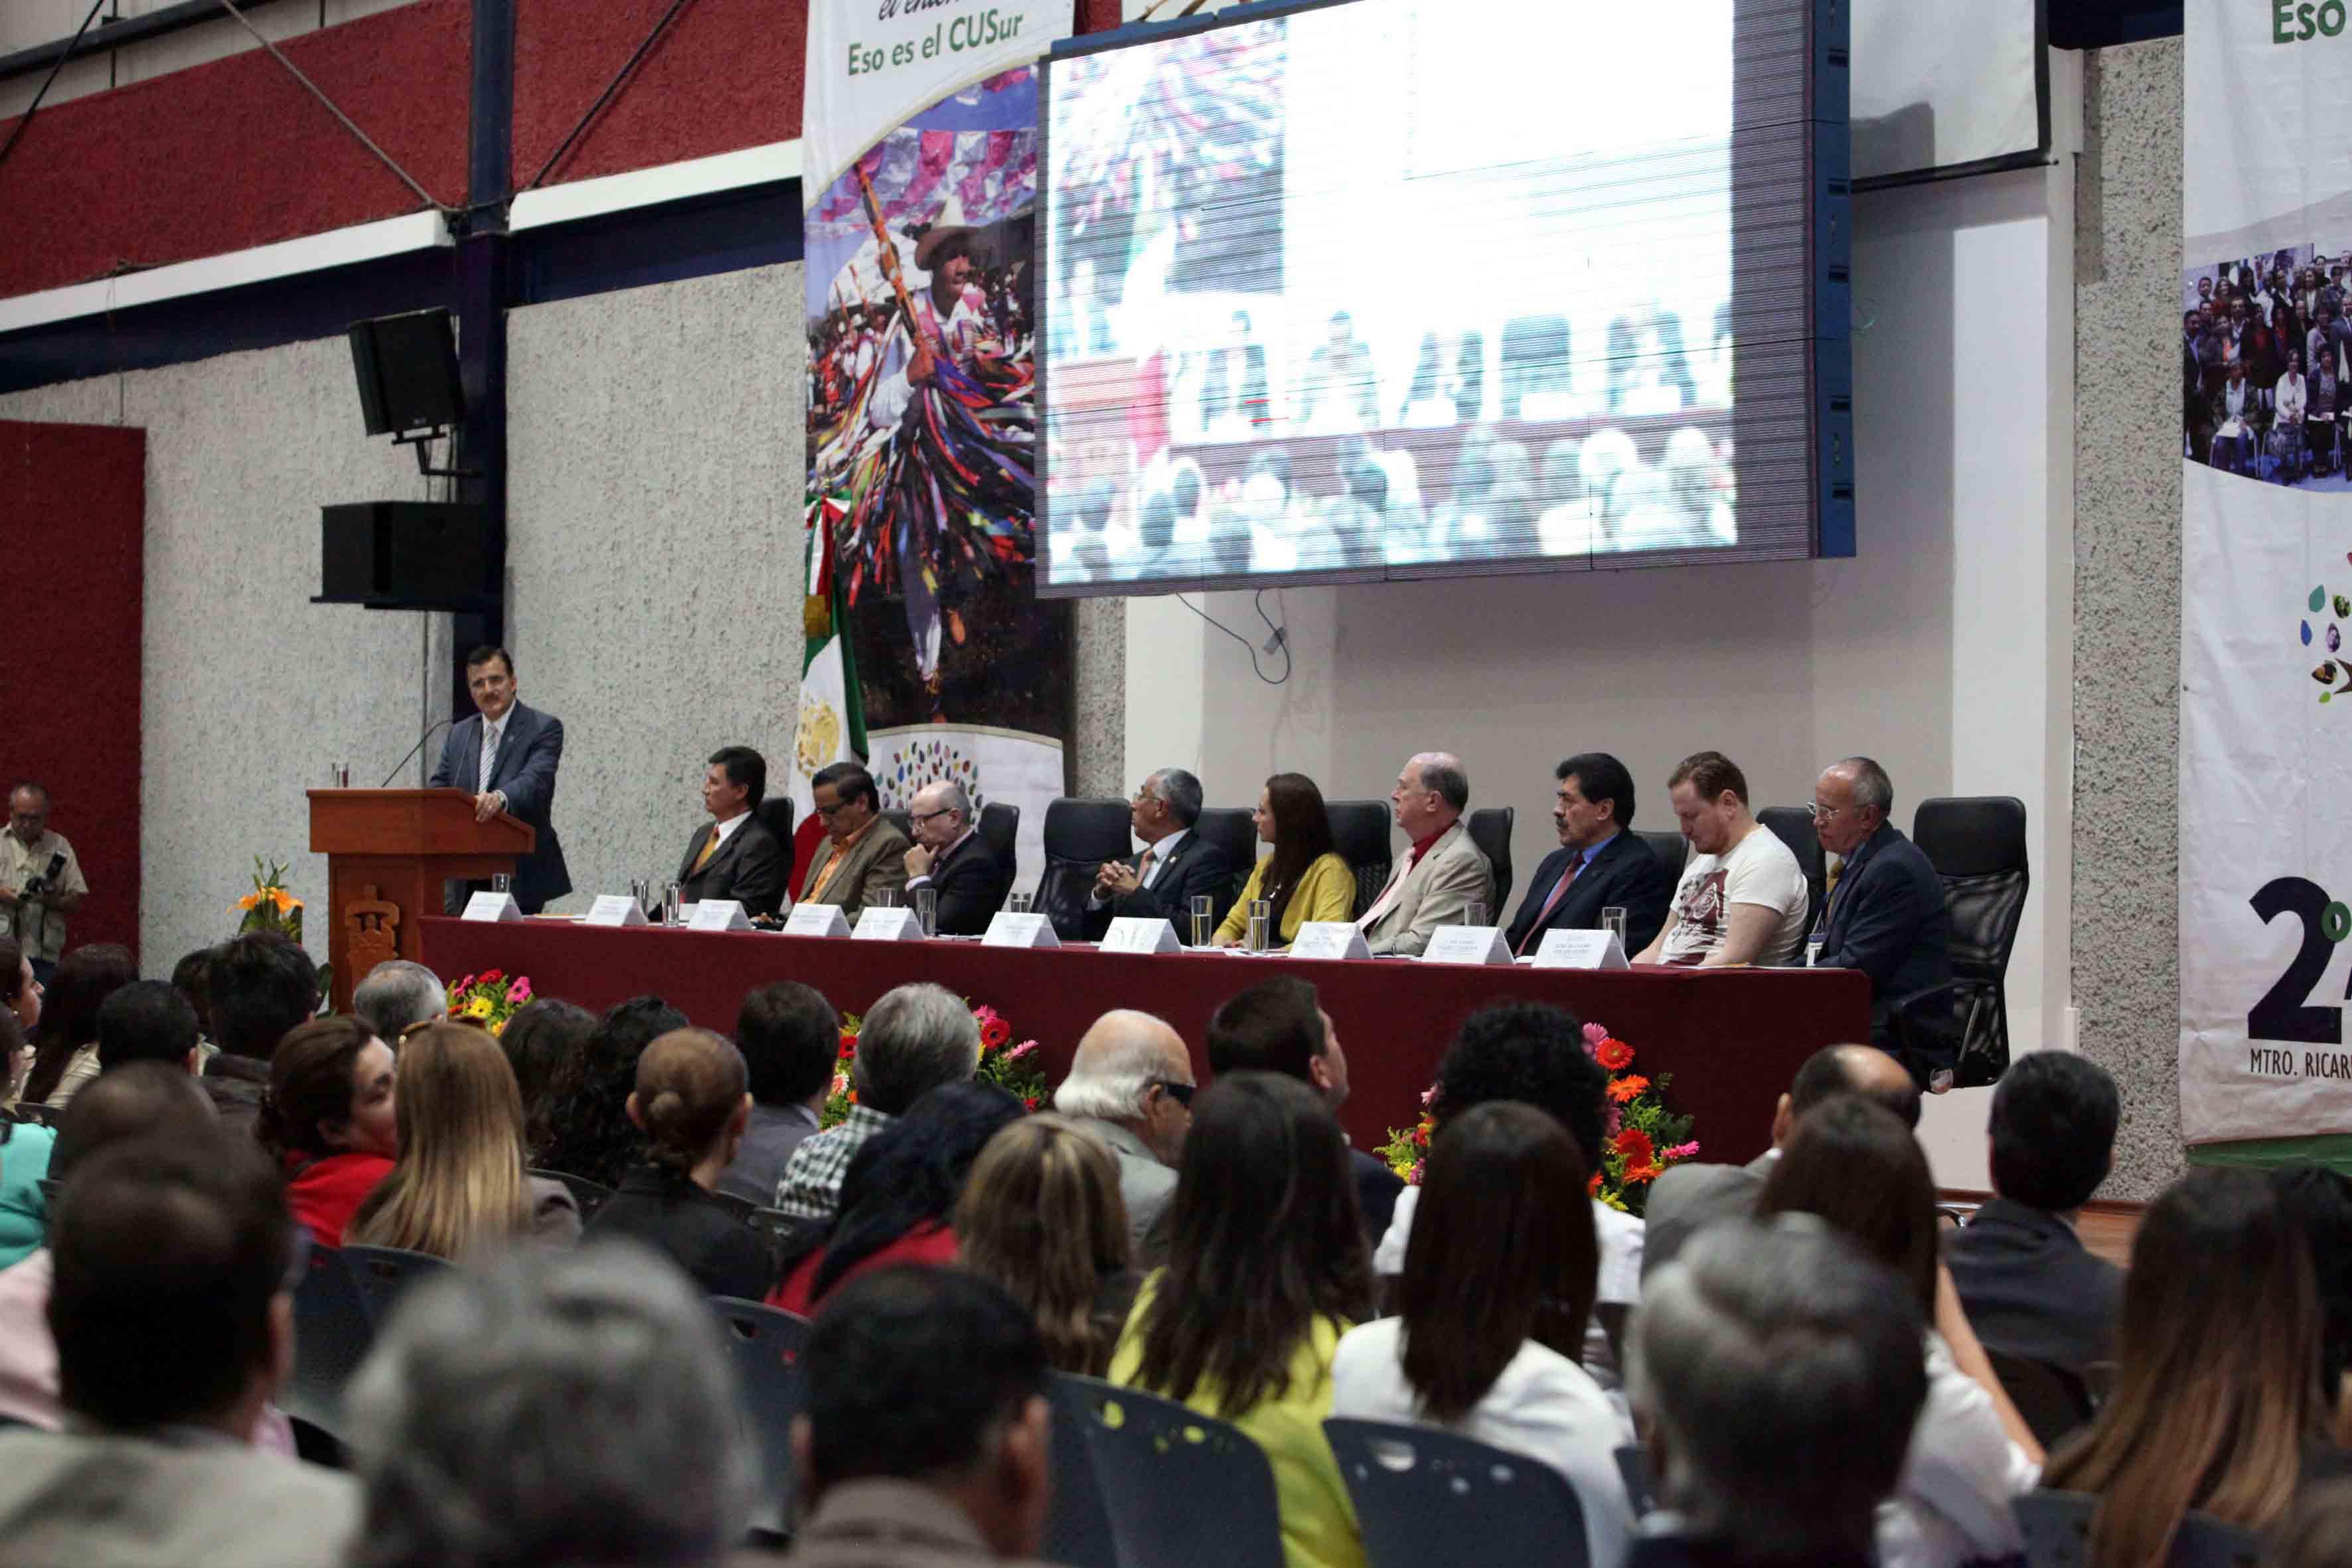 Rector General de la UdeG, maestro Itzcóatl Tonatiuh Bravo Padilla, en segundo informe de actividades del maestro Ricardo Xicoténcatl García Cauzor, Rector del CUSur y autoridades universitarias del centro.